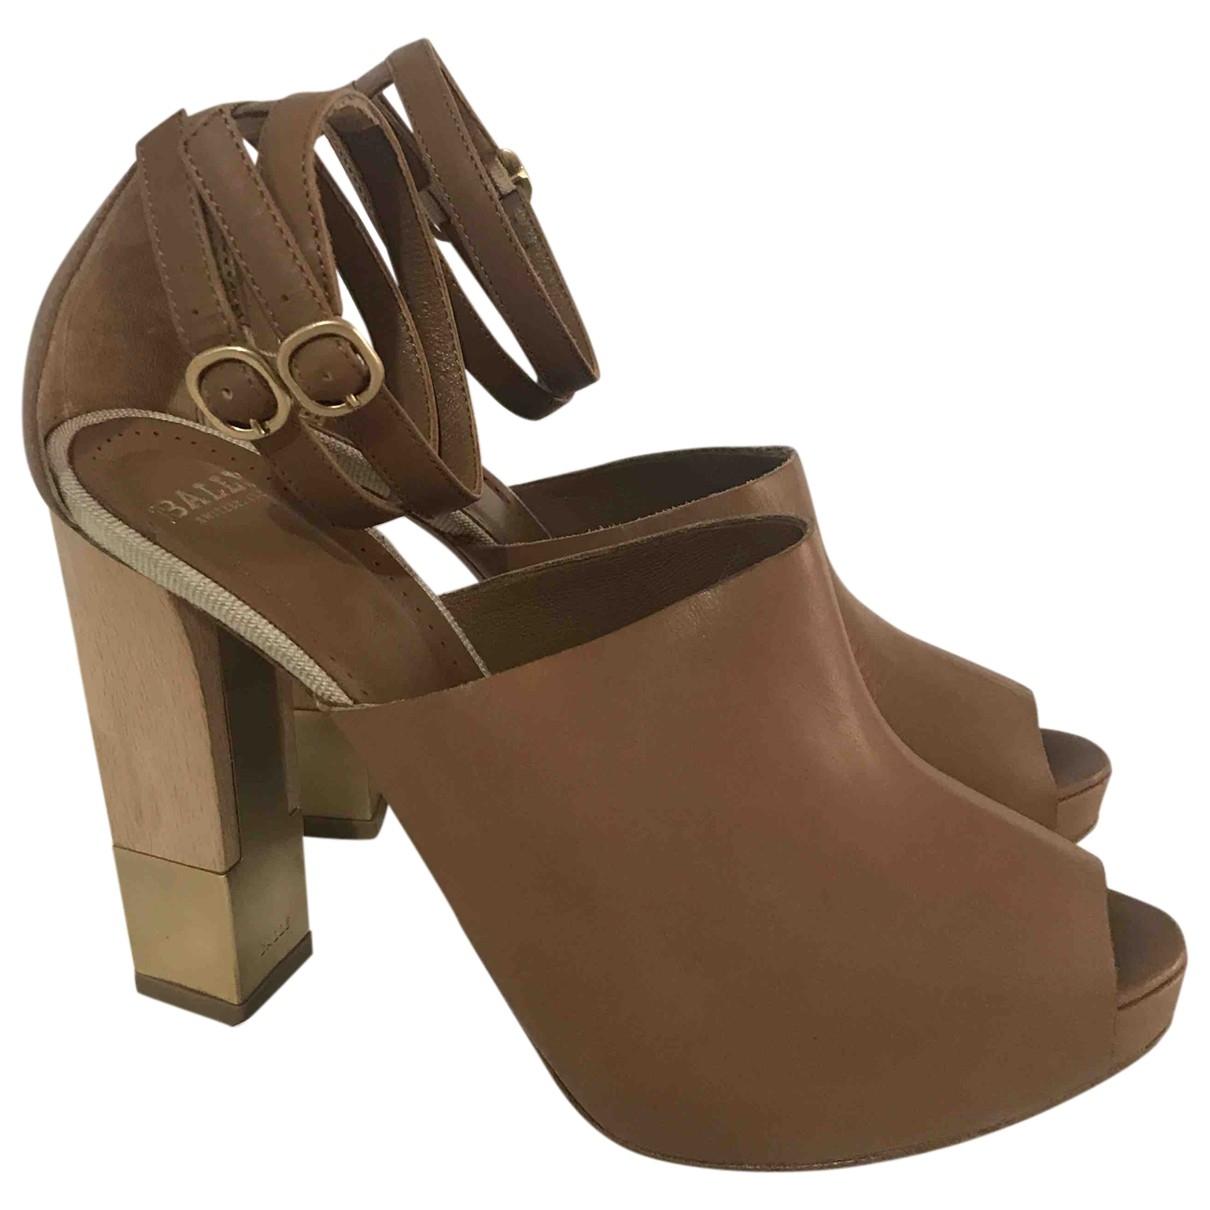 Bally - Sandales   pour femme en cuir - beige